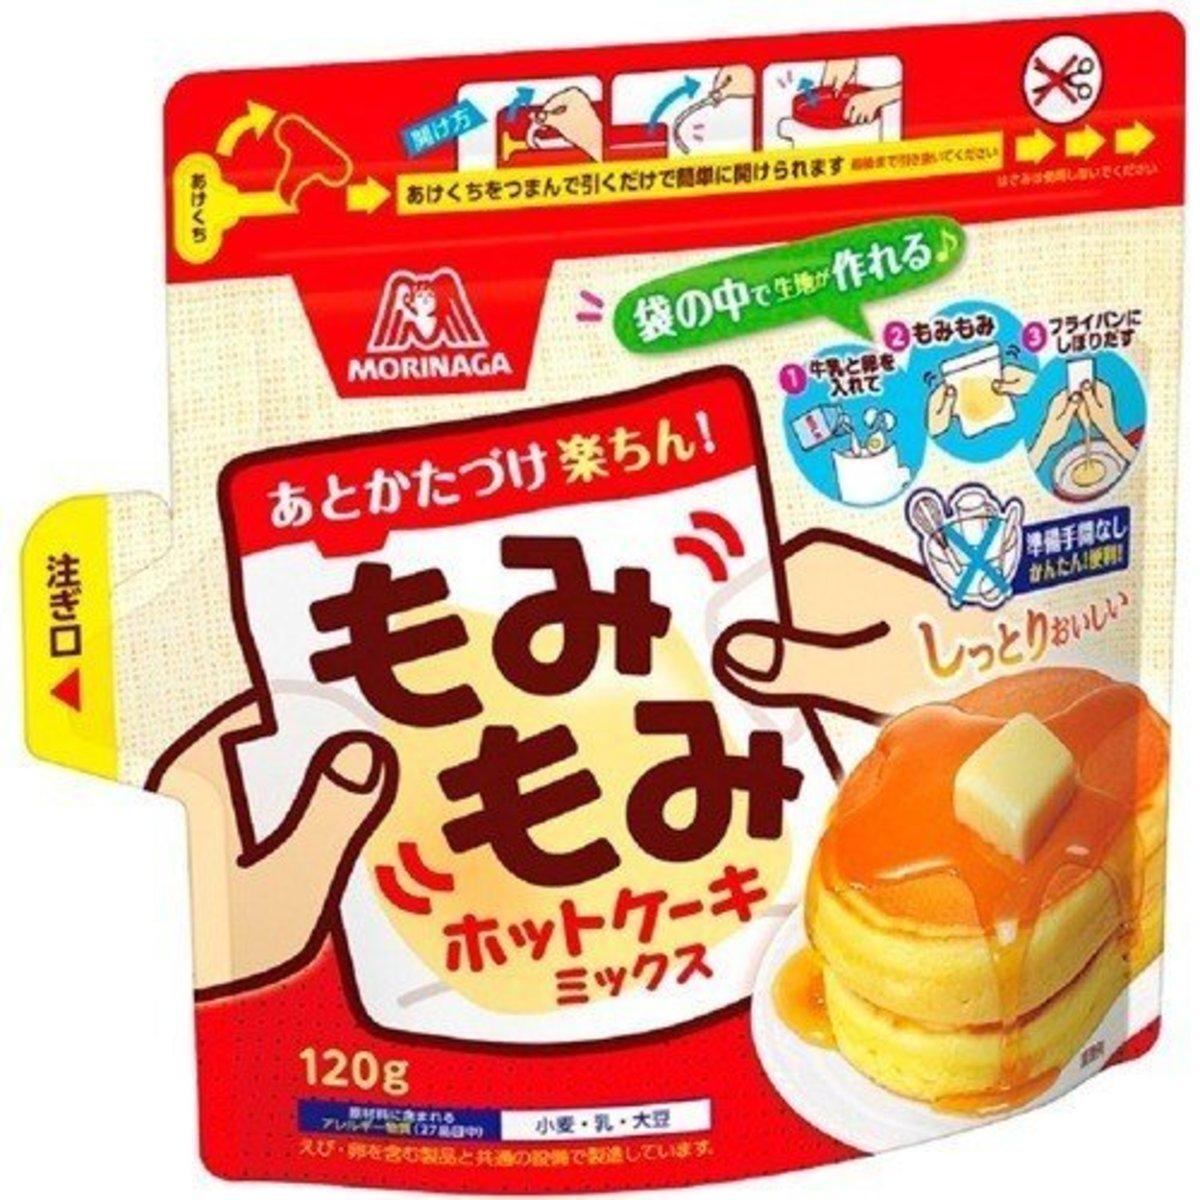 熱香餅粉 120g (平行進口貨品)